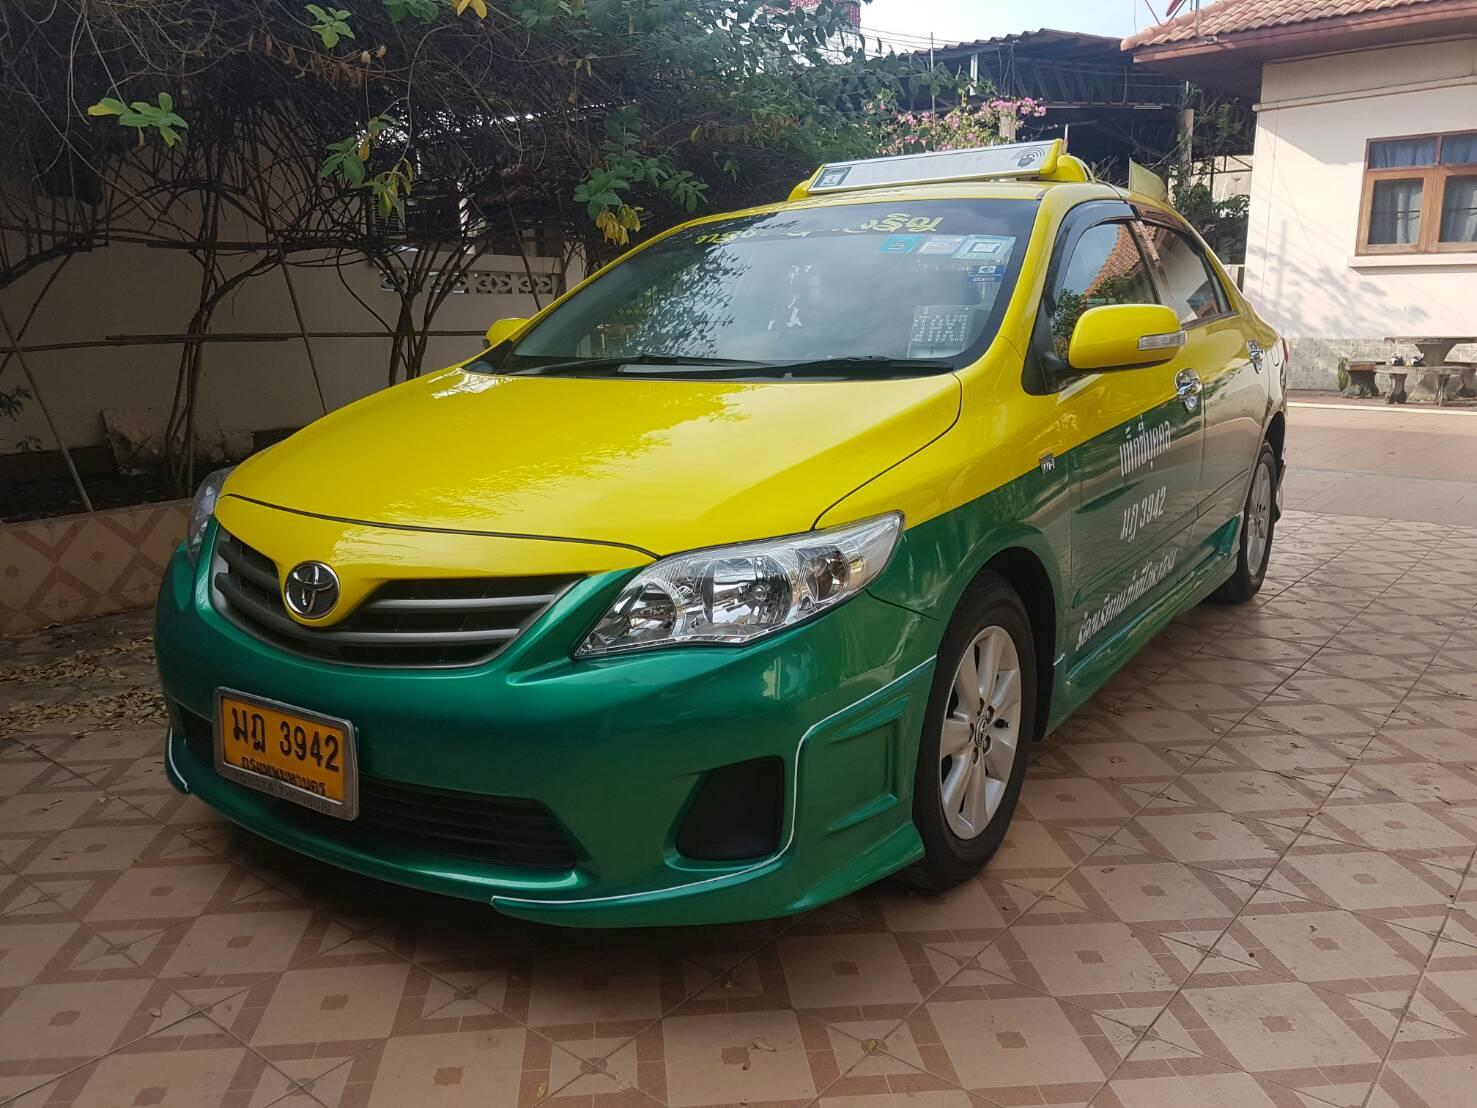 แท็กซี่มือสอง รถบ้าน ปี 2013 เหลือวิ่ง 5 ปี 9 เดือน รถวิ่งมาสองแสนกว่ากิโล